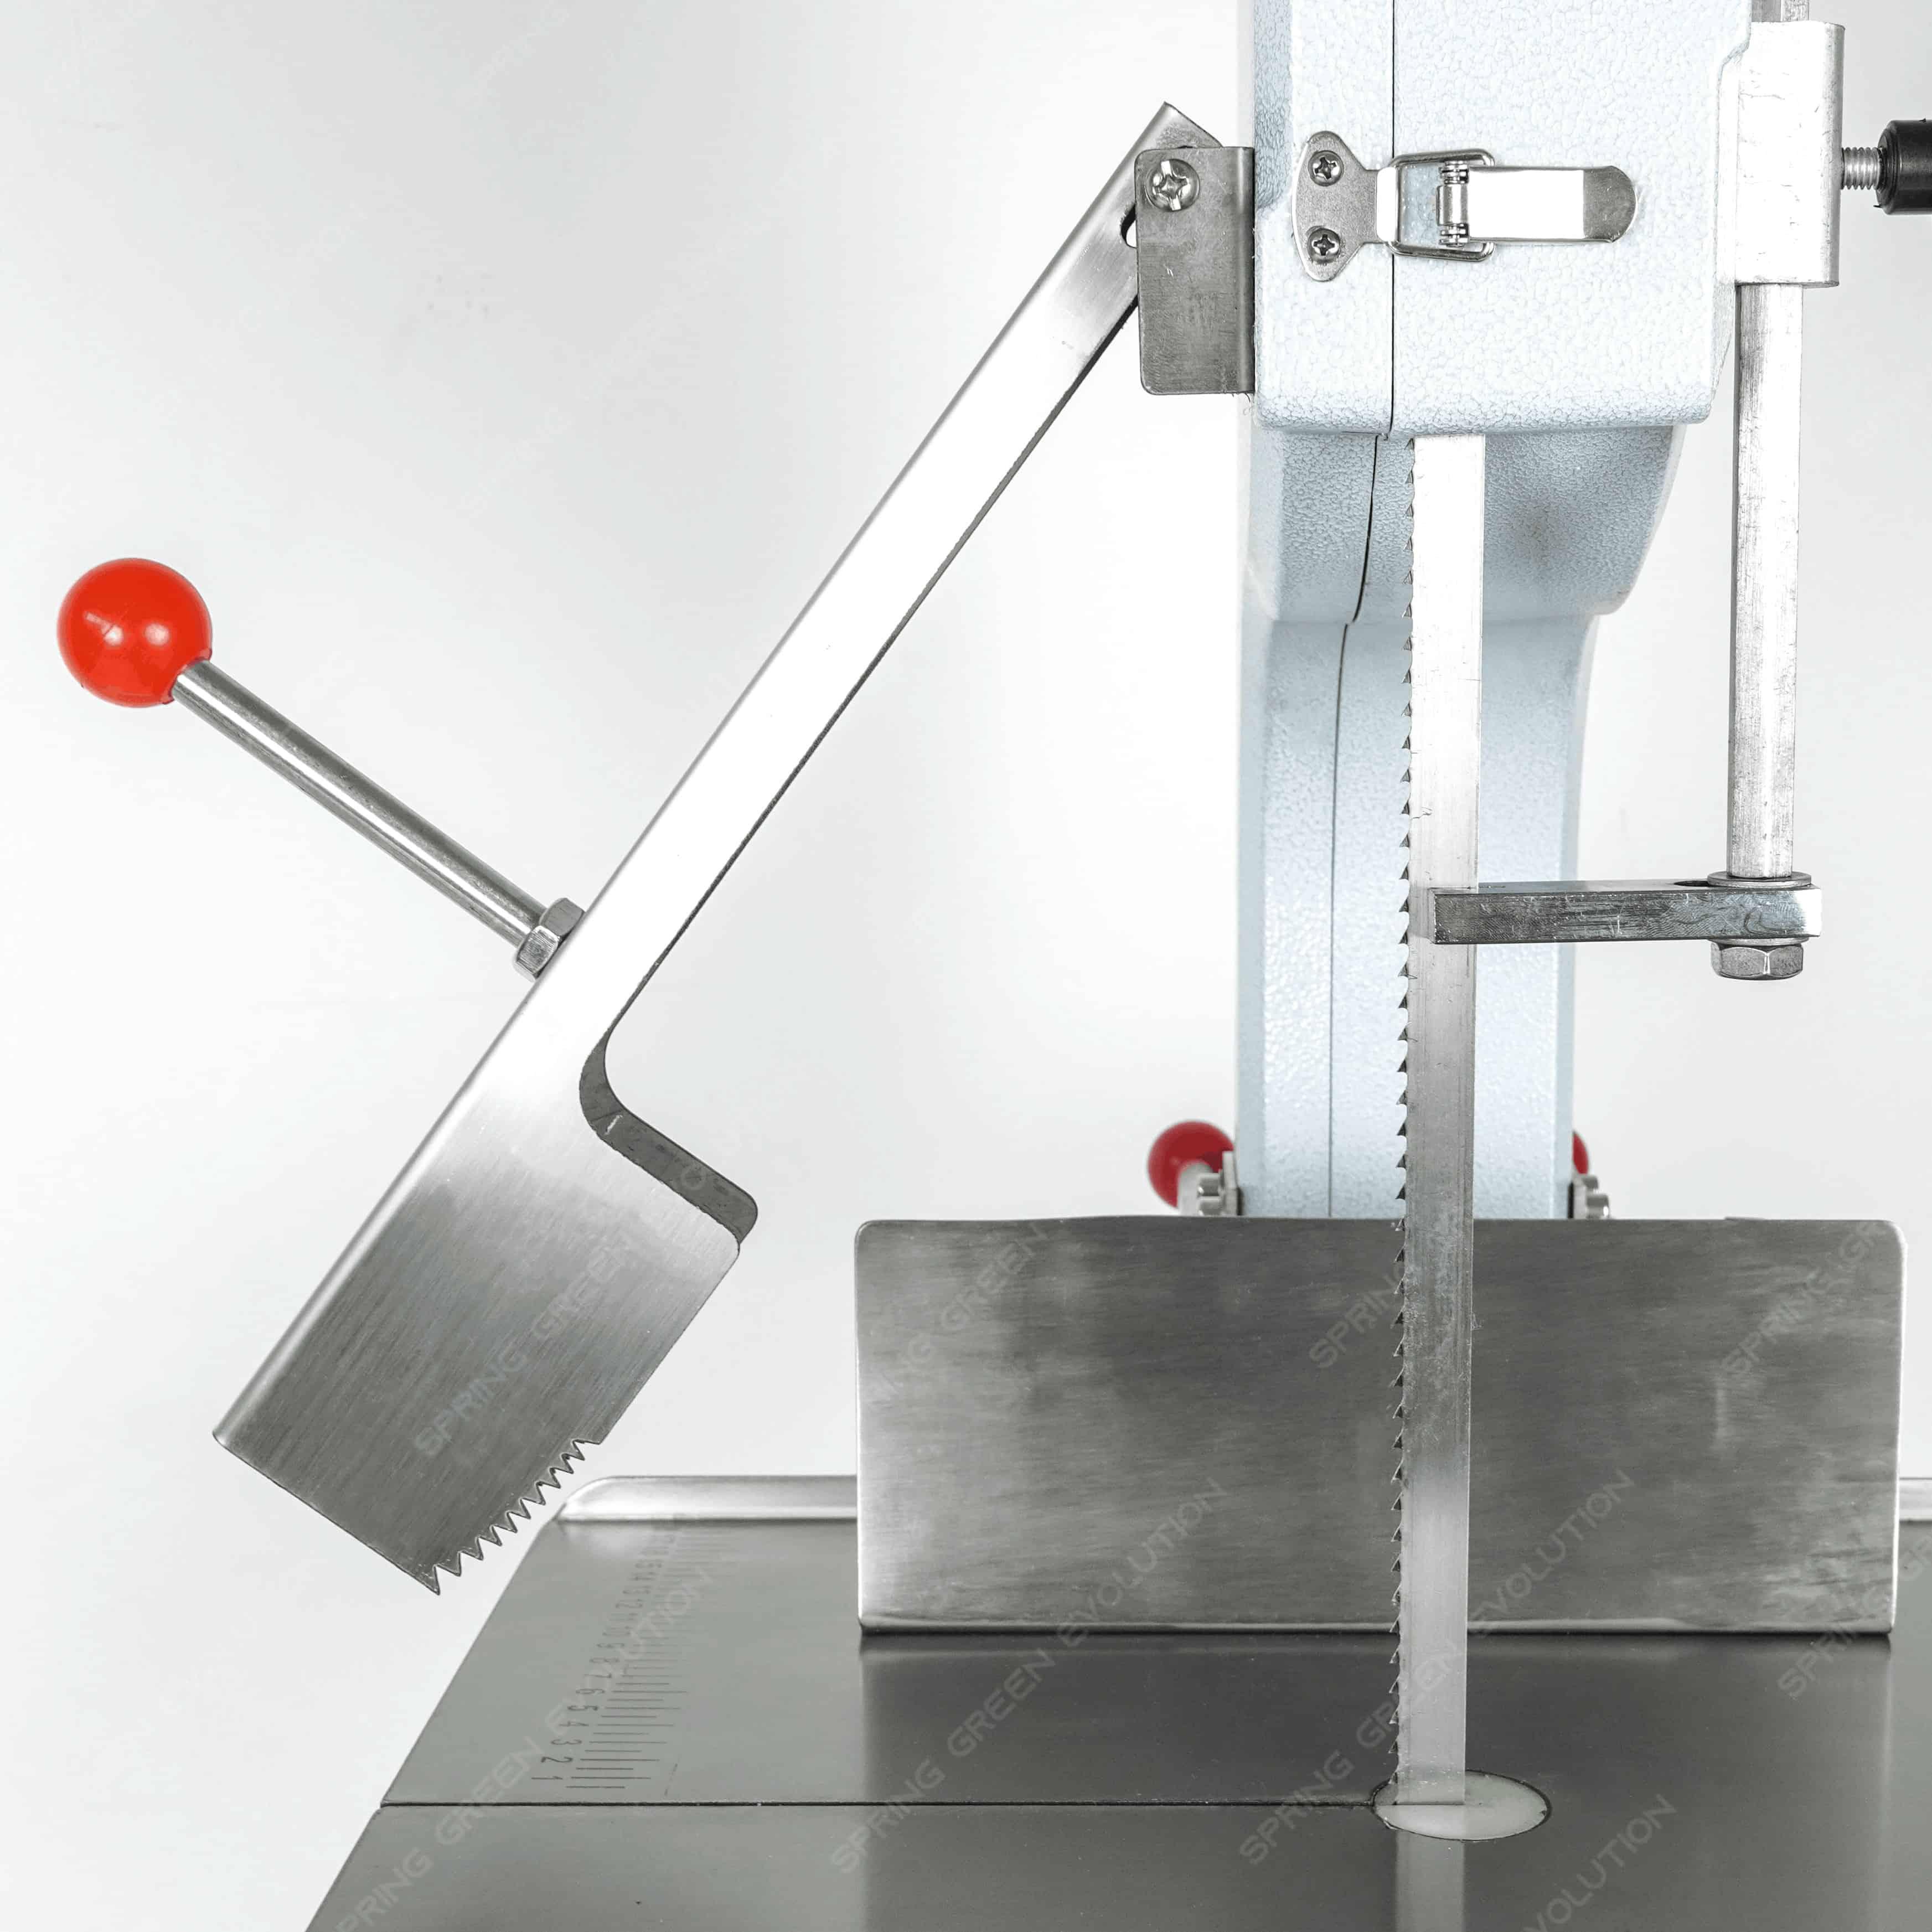 เครื่องตัดกระดูกหมู-BC130-190-ลักษณะ4